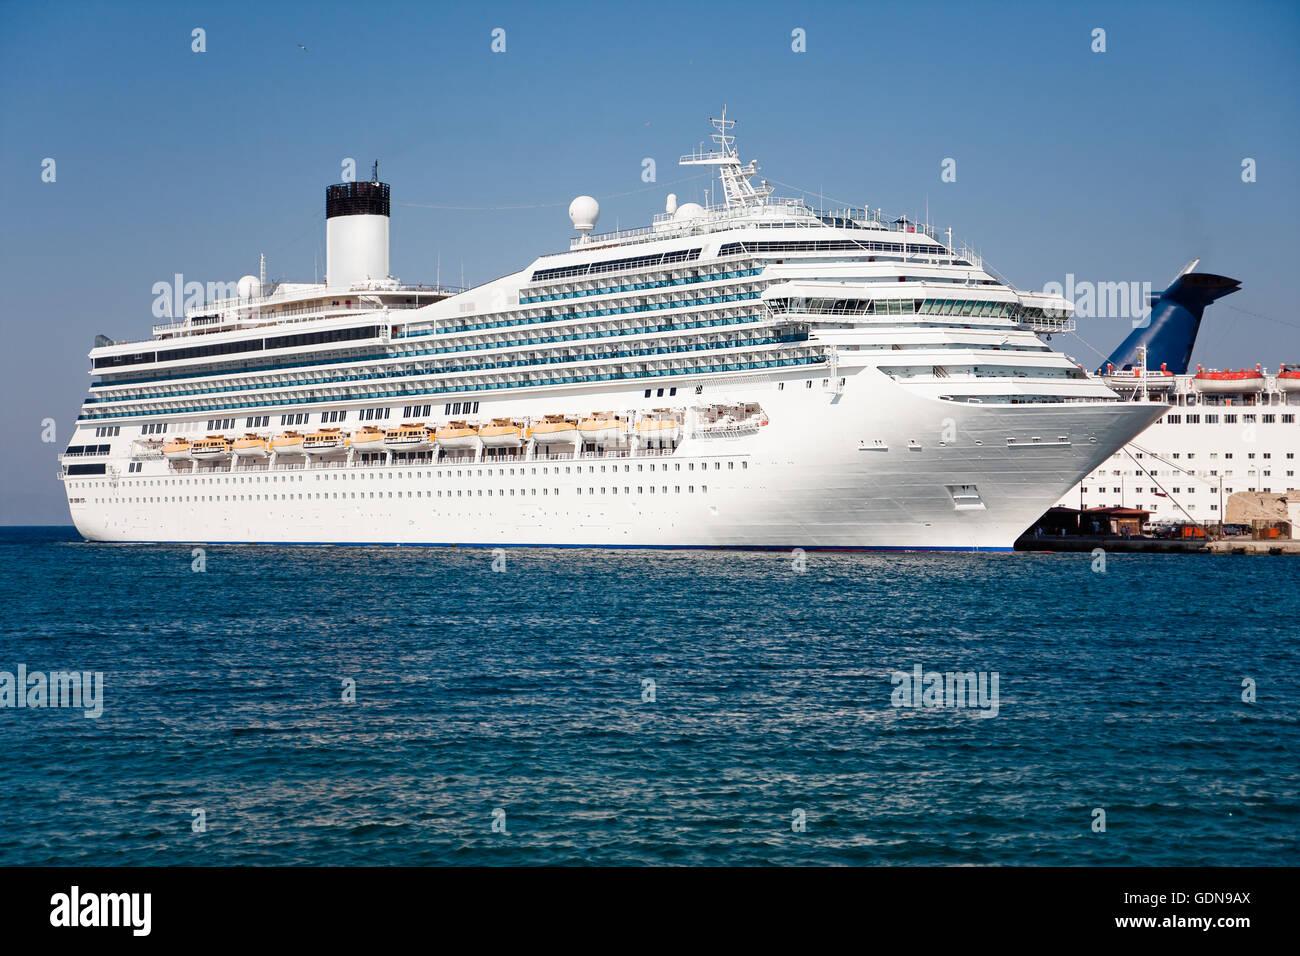 Cruise ship side - Stock Image